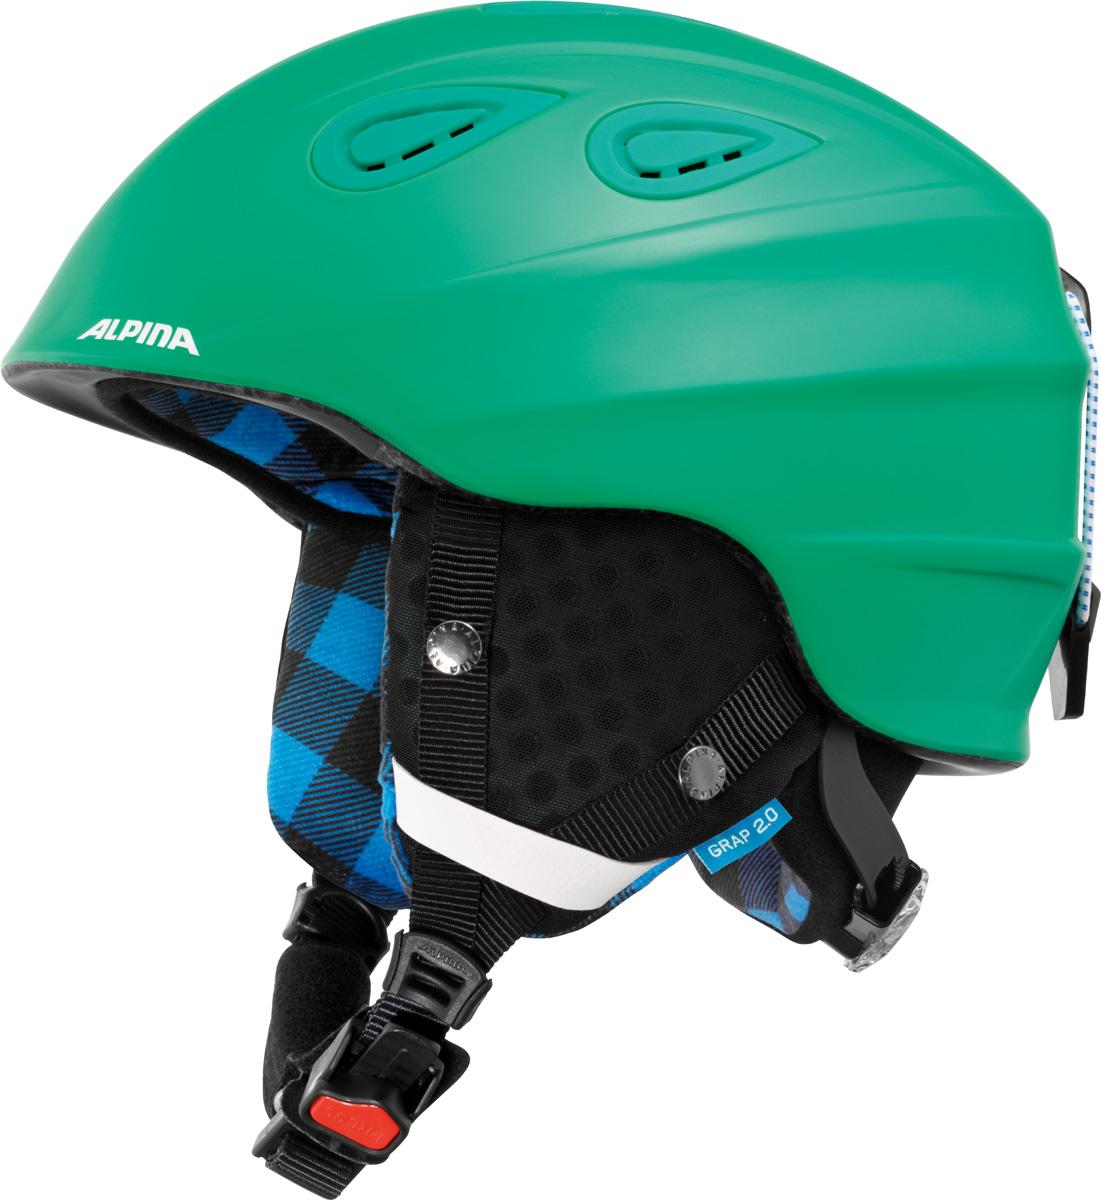 Шлем горнолыжный Alpina Grap 2.0, цвет: зеленый. A9085_72. Размер 54-57A9085_72Во всем мире популярность горнолыжного шлема Grap лишь набирает обороты. Alpina представляет обновленную версию самой продаваемой модели. Шлем Grap 2.0 сохранил отличительные особенности предыдущей модели и приобрел новые, за которые его выбирают райдеры по всему миру. Универсальность, легкость и прочность сделали его обязательным элементом экипировки любителей горнолыжного спорта. Модель также представлена в детской линейке шлемов.Технологии:Конструкция In-Mold - соединение внутреннего слоя из EPS (вспененного полистирола) с внешним покрытием под большим давлением в условиях высокой температуры. В результате внешняя поликарбонатная оболочка сохраняет форму конструкции, предотвращая поломку и попадание осколков внутрь шлема, а внутренний слой Hi-EPS, состоящий из множества наполненных воздухом гранул, амортизирует ударную волну, защищая голову райдера от повреждений.Внешнее покрытие Ceramic Shell обеспечивает повышенную ударопрочность и износостойкость, а также обладает защитой от УФ-излучений, препятствующей выгоранию на солнце, и антистатичными свойствами.Съемный внутренний тканевый слой. Подкладку можно постирать и легко вставить обратно. Своевременный уход за внутренником предотвращает появление неприятного запаха.Вентиляционная система с раздвижным механизмом с возможностью регулировки интенсивности потока воздуха.Классическая система регулировки в шлемах Alpina Run System с регулировочным кольцом на затылке позволяет быстро и легко подобрать оптимальную и комфортную плотность посадки на голове.Съемные ушки согревают в холодную погоду, а в теплую компактно хранятся в кармане куртки.Шейный воротник из микрофлиса в задней части шлема быстро согревает и не давит на шею.Ремешок фиксируется кнопкой с запирающим механизмом. Застежка максимально удобна для использования в перчатках.Система Edge Protect в конструкции шлема защищает голову горнолыжника при боковом ударе.Система Y-Clip гаранти